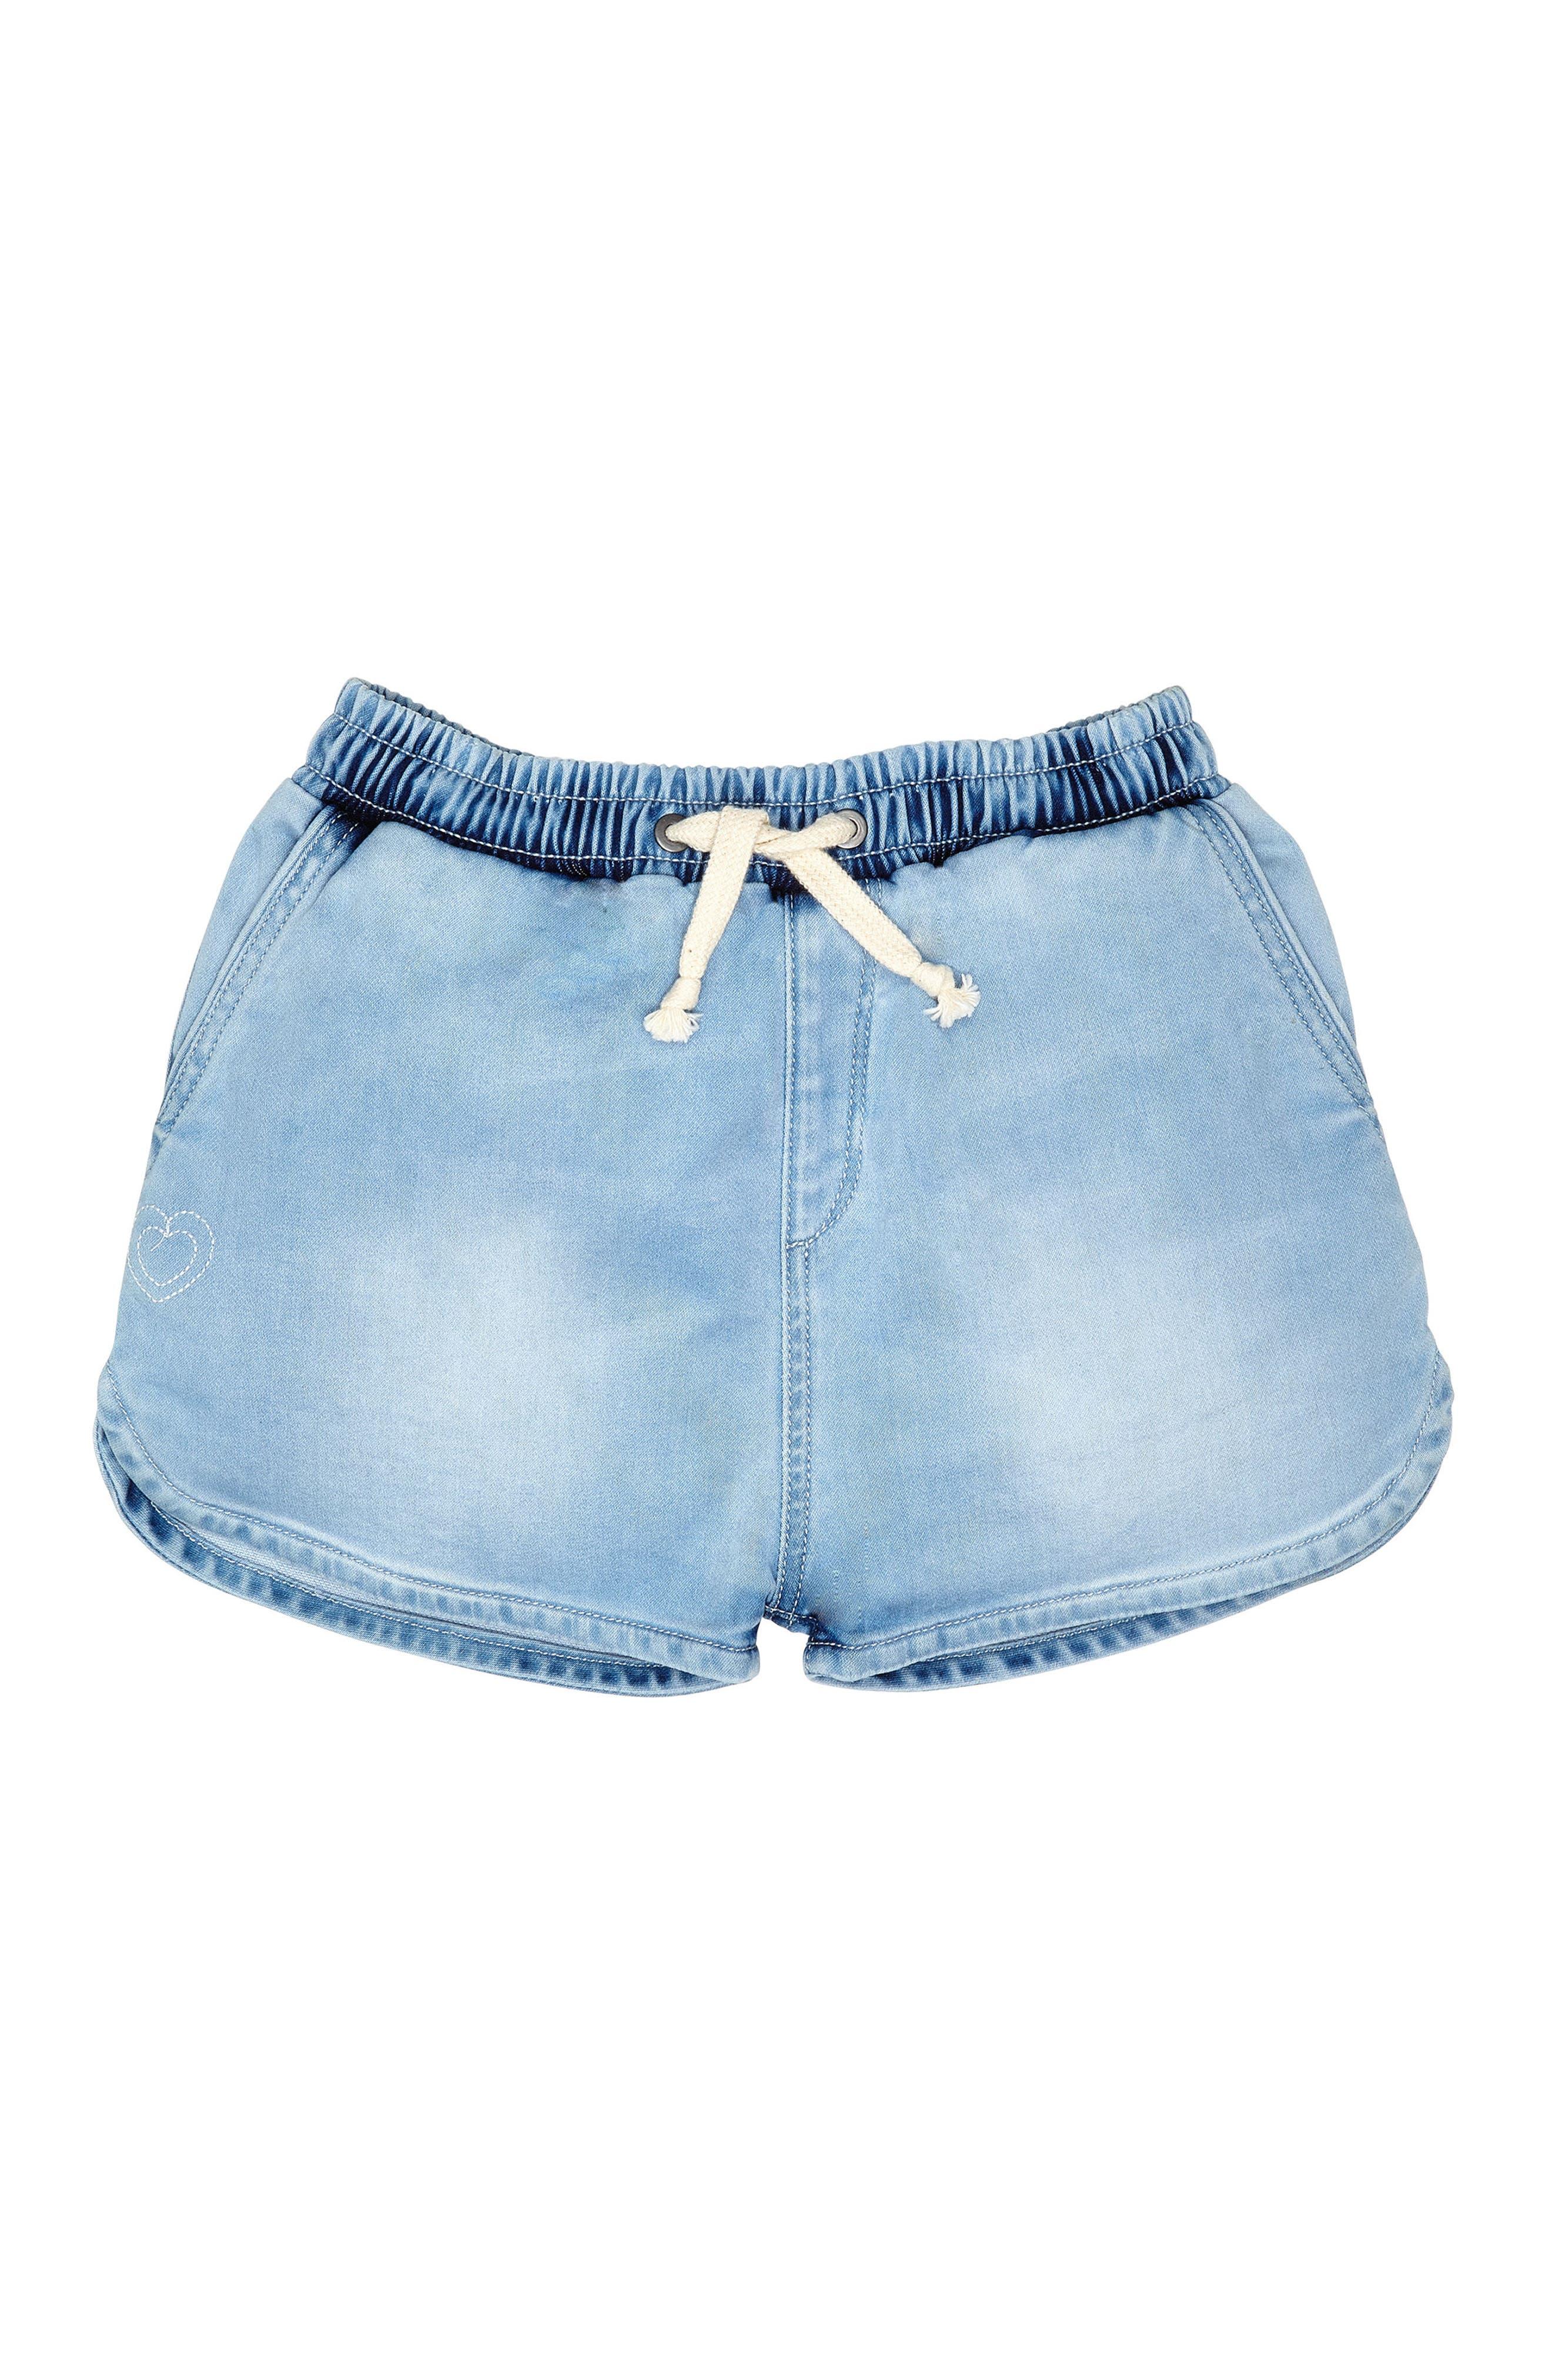 Alternate Image 1 Selected - DL1961 Denim Sport Shorts (Toddler Girls & Little Girls)